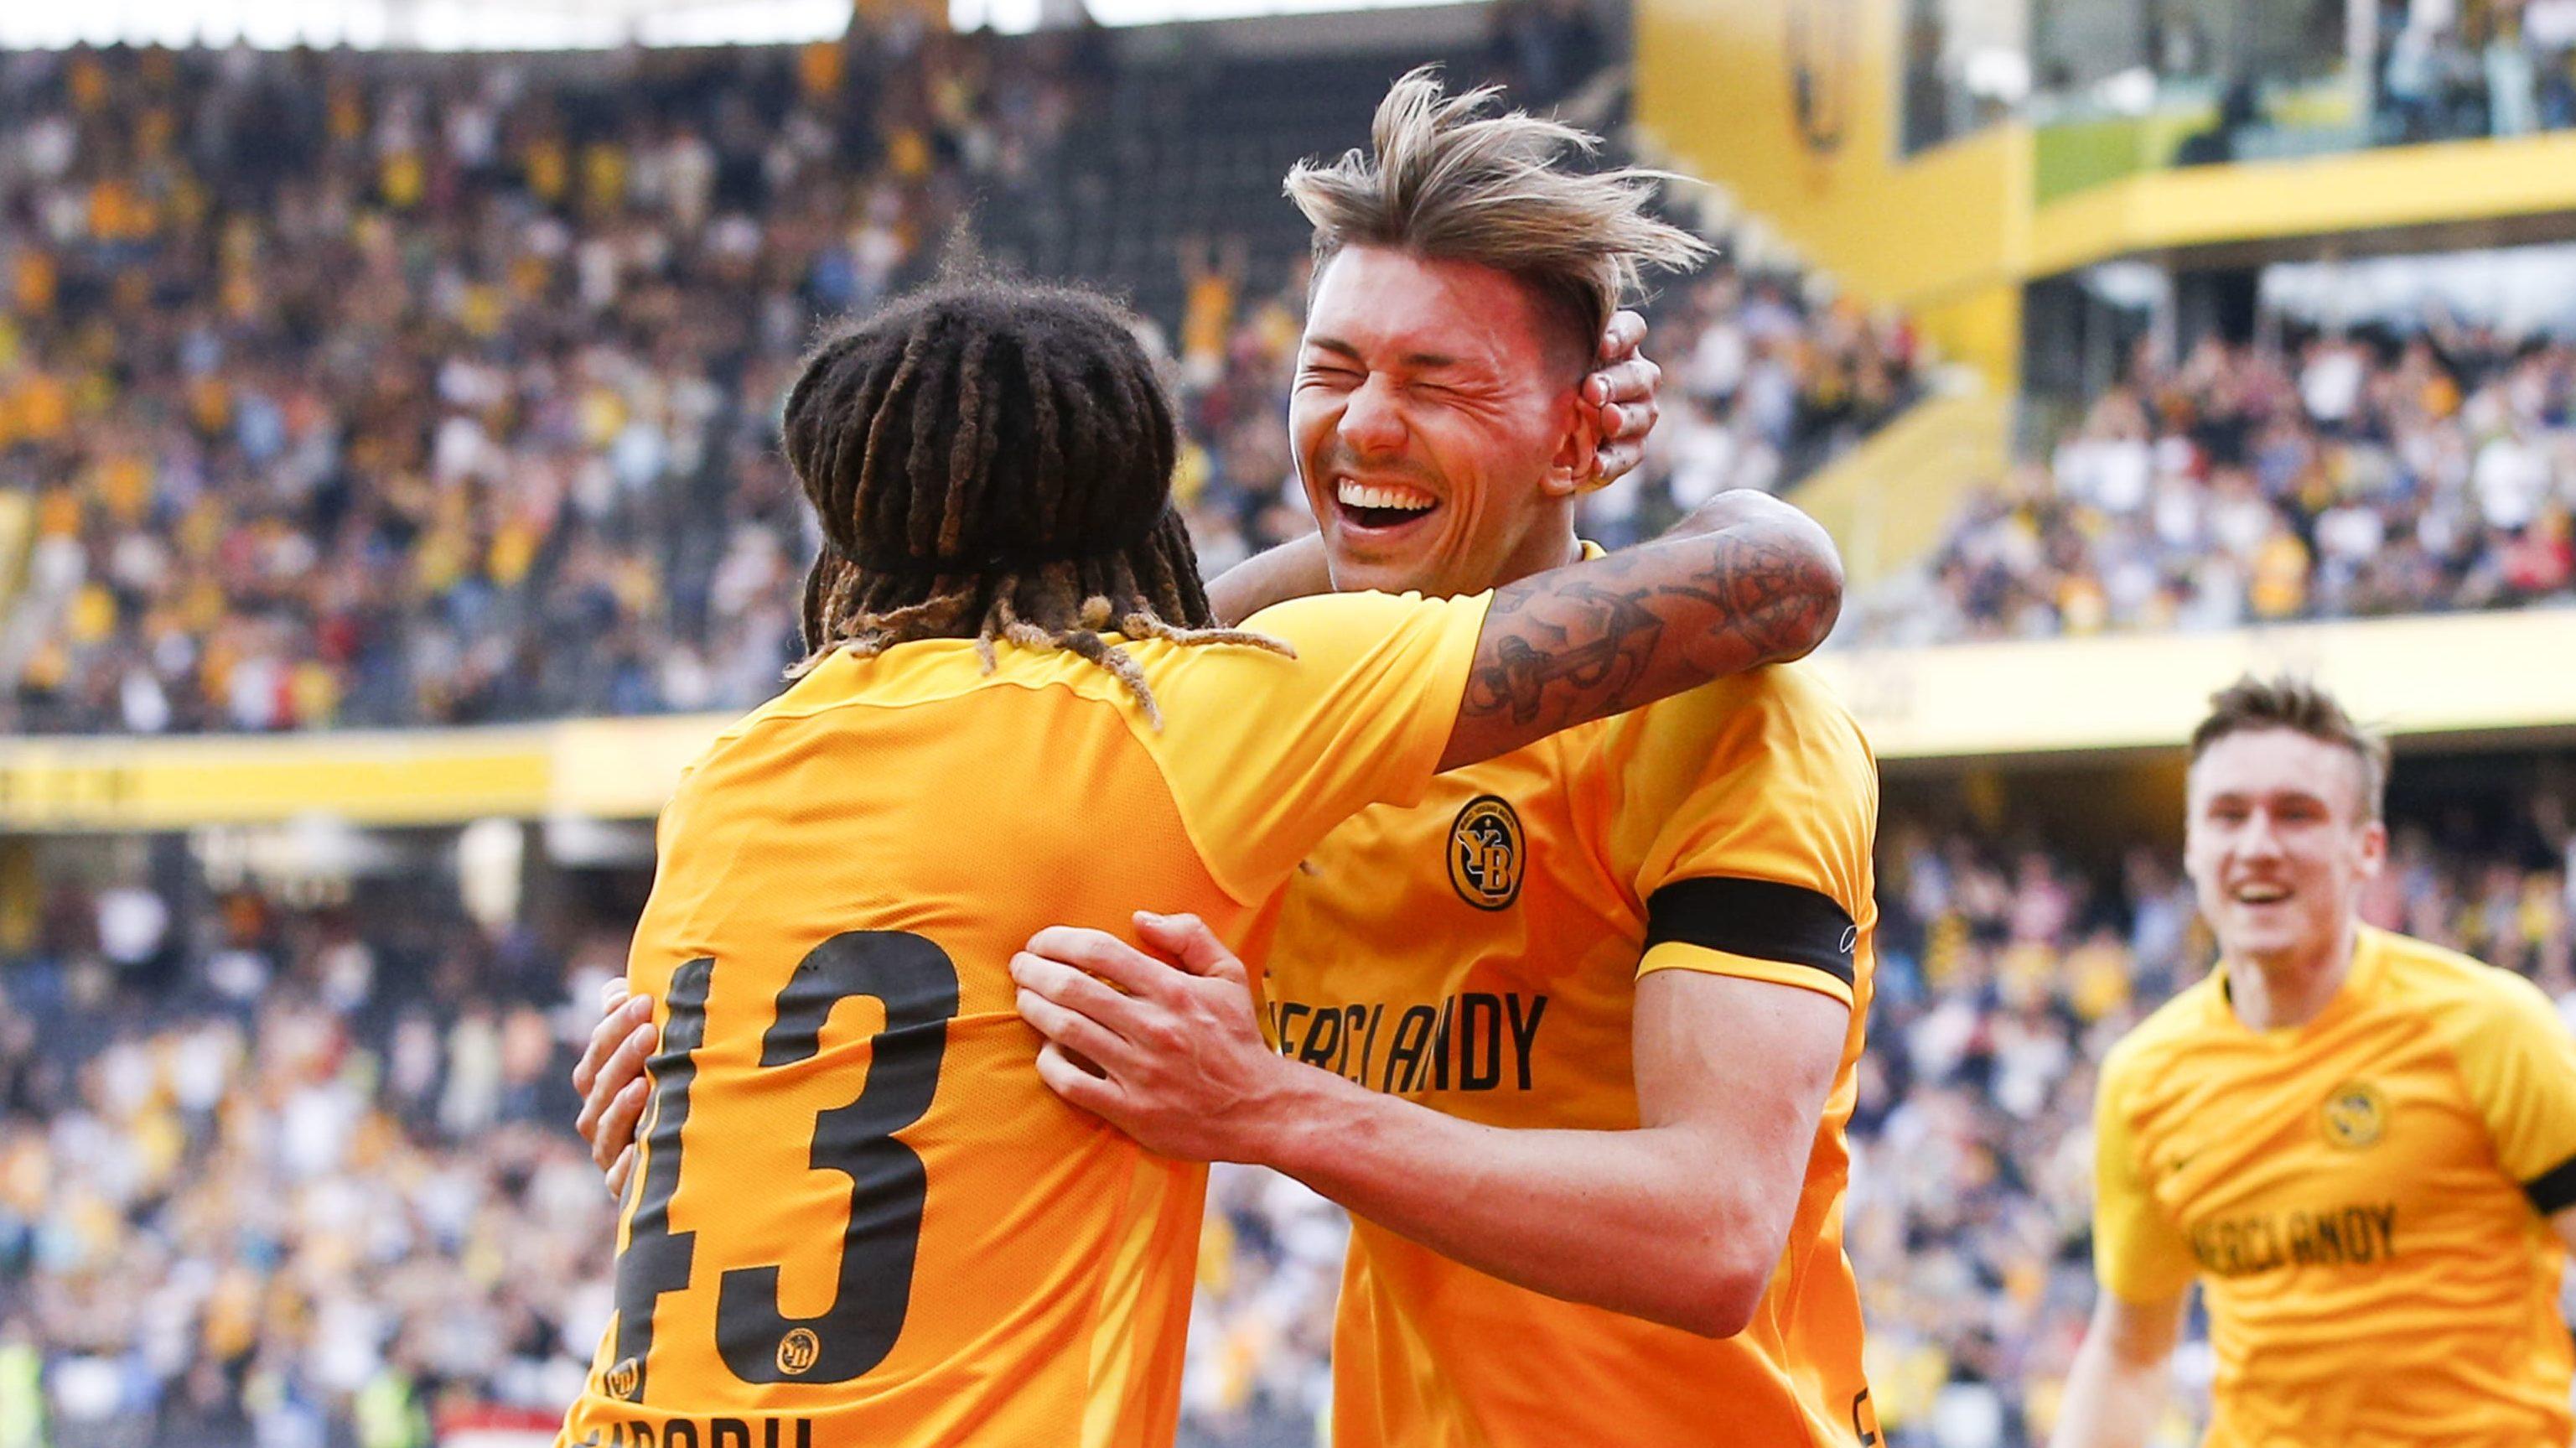 22.04.2018; Bern; Fussball Super League - BSC Young Boys - FC Lausanne-Sport; Kevin Mbabu und der Torschuetzen zum 4:1 Chris